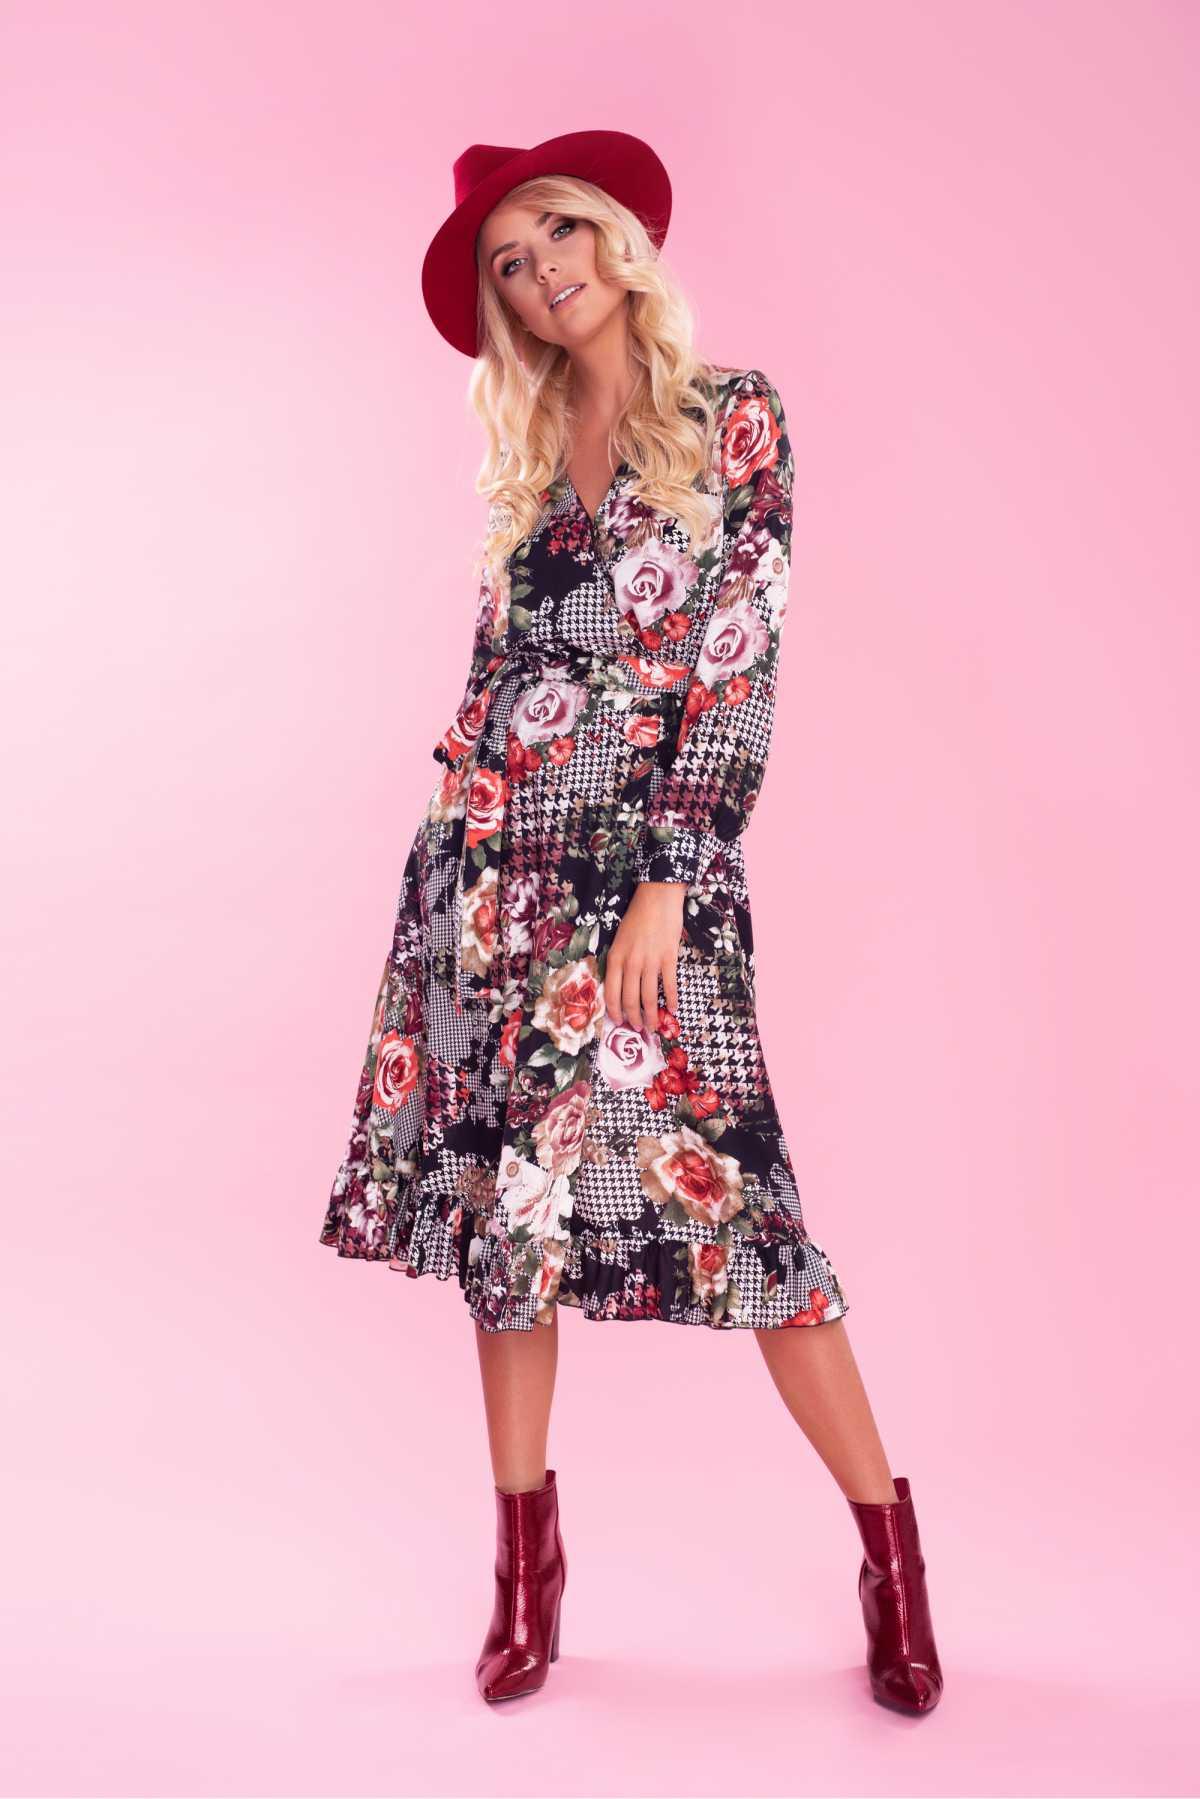 dress floral com bota vermelha